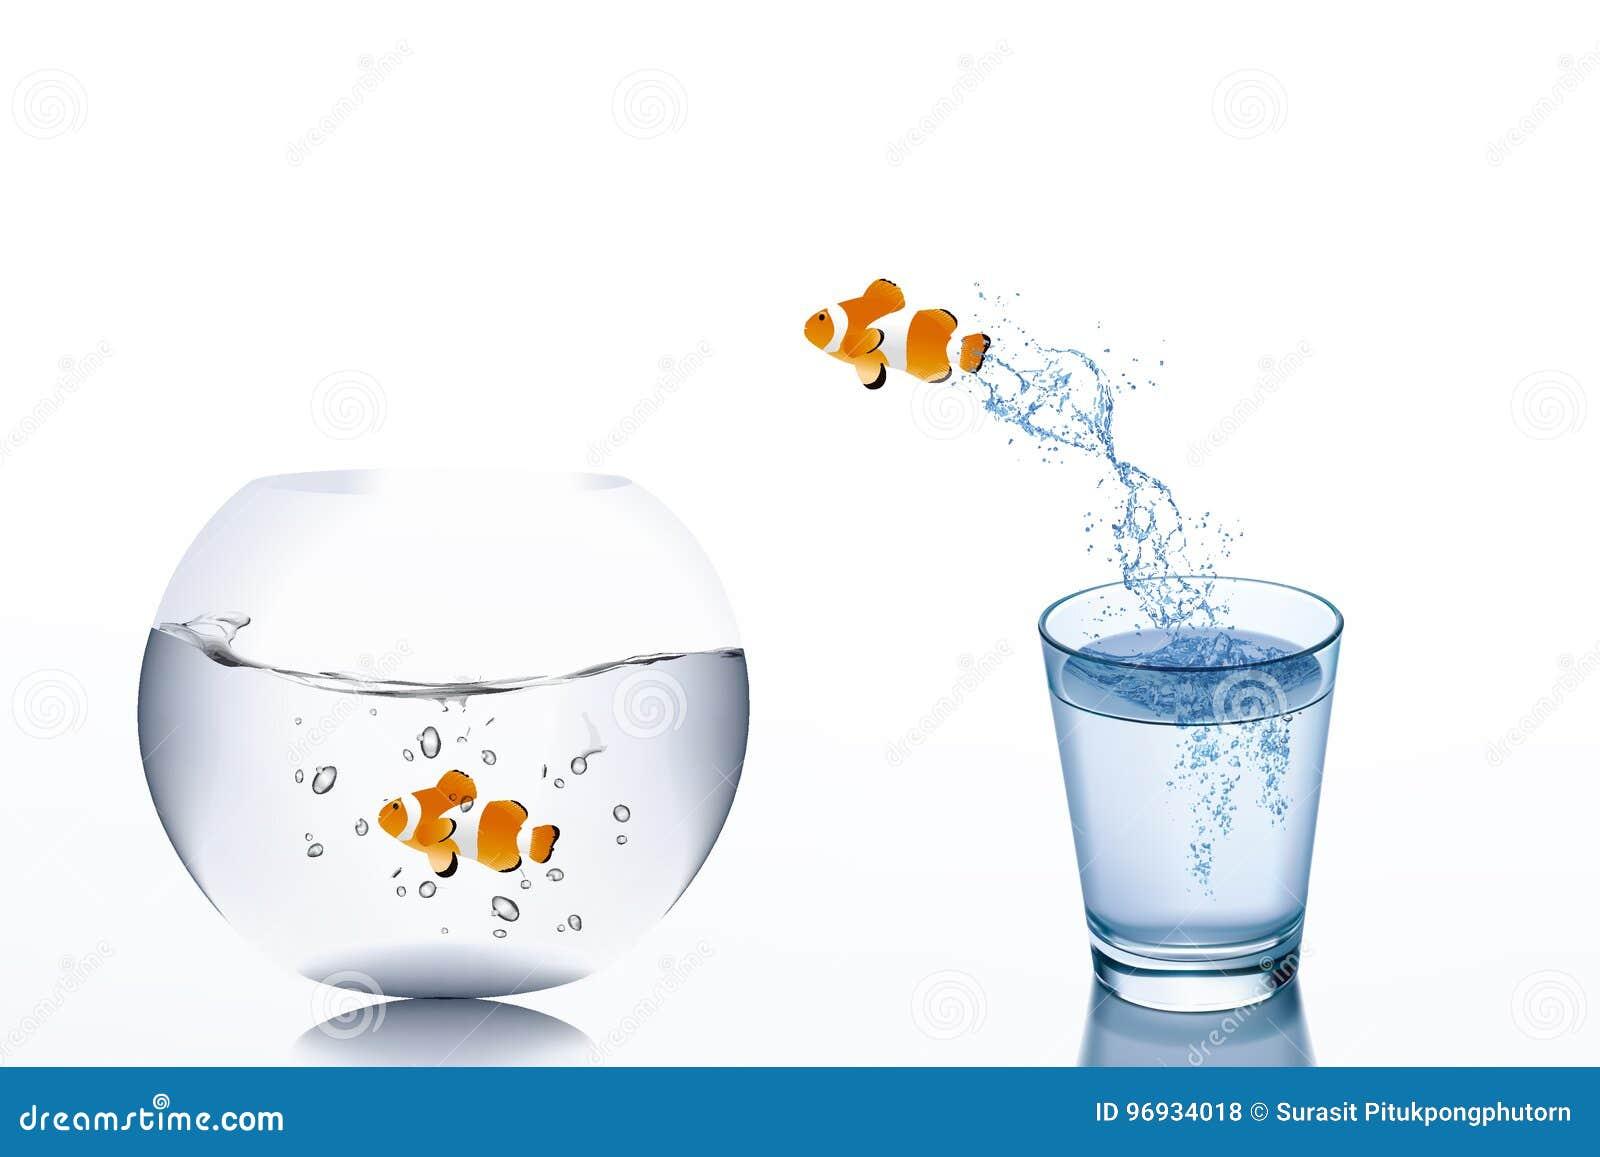 企业挑战和成长概念:从水的金鱼逃命在跳跃到fishbowl的玻璃